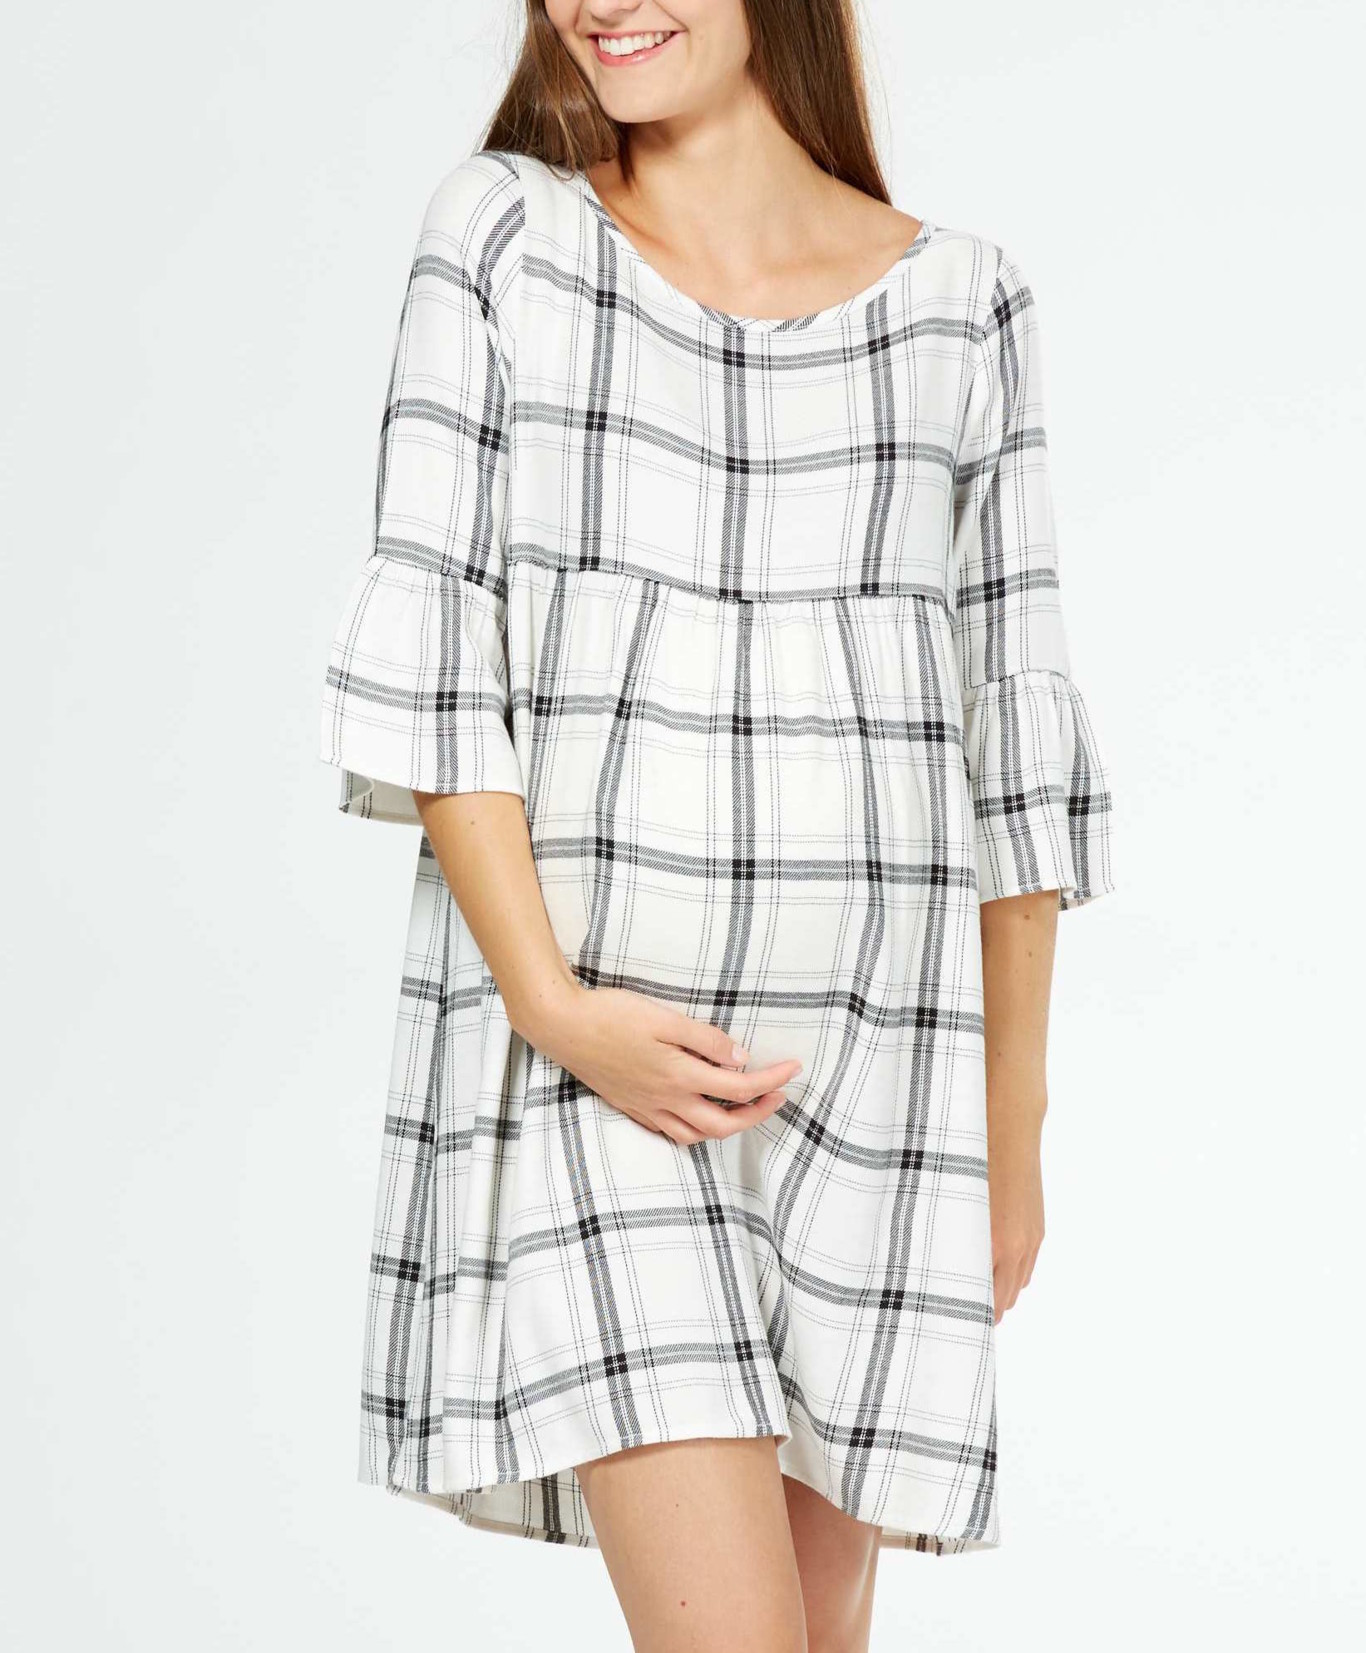 nueva llegada dcd73 5aa64 Vestidos otoñales perfectos para el embarazo